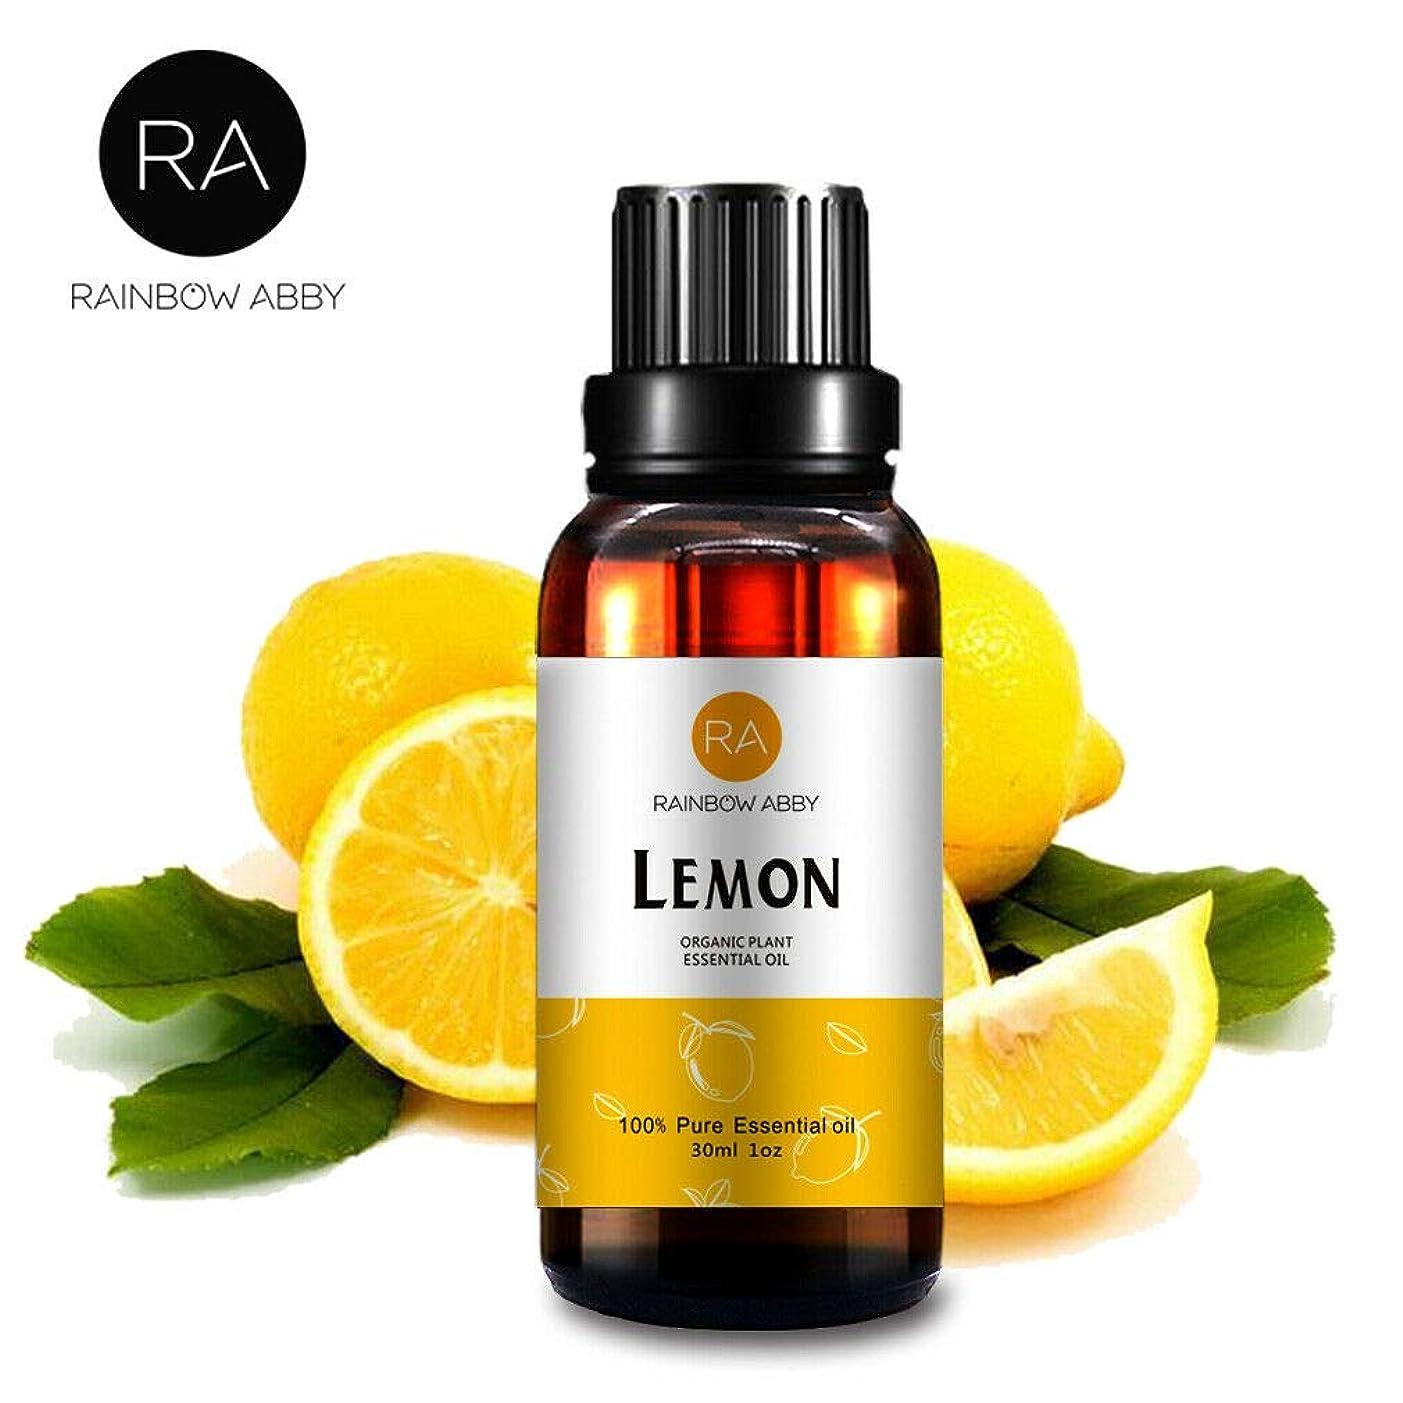 ベジタリアン後悔餌RAINBOW ABBY レモンエッセンシャル オイル ディフューザー アロマ セラピー オイル (30ML/1oz) 100% ピュアオーガニック 植物 エキスレモン オイル